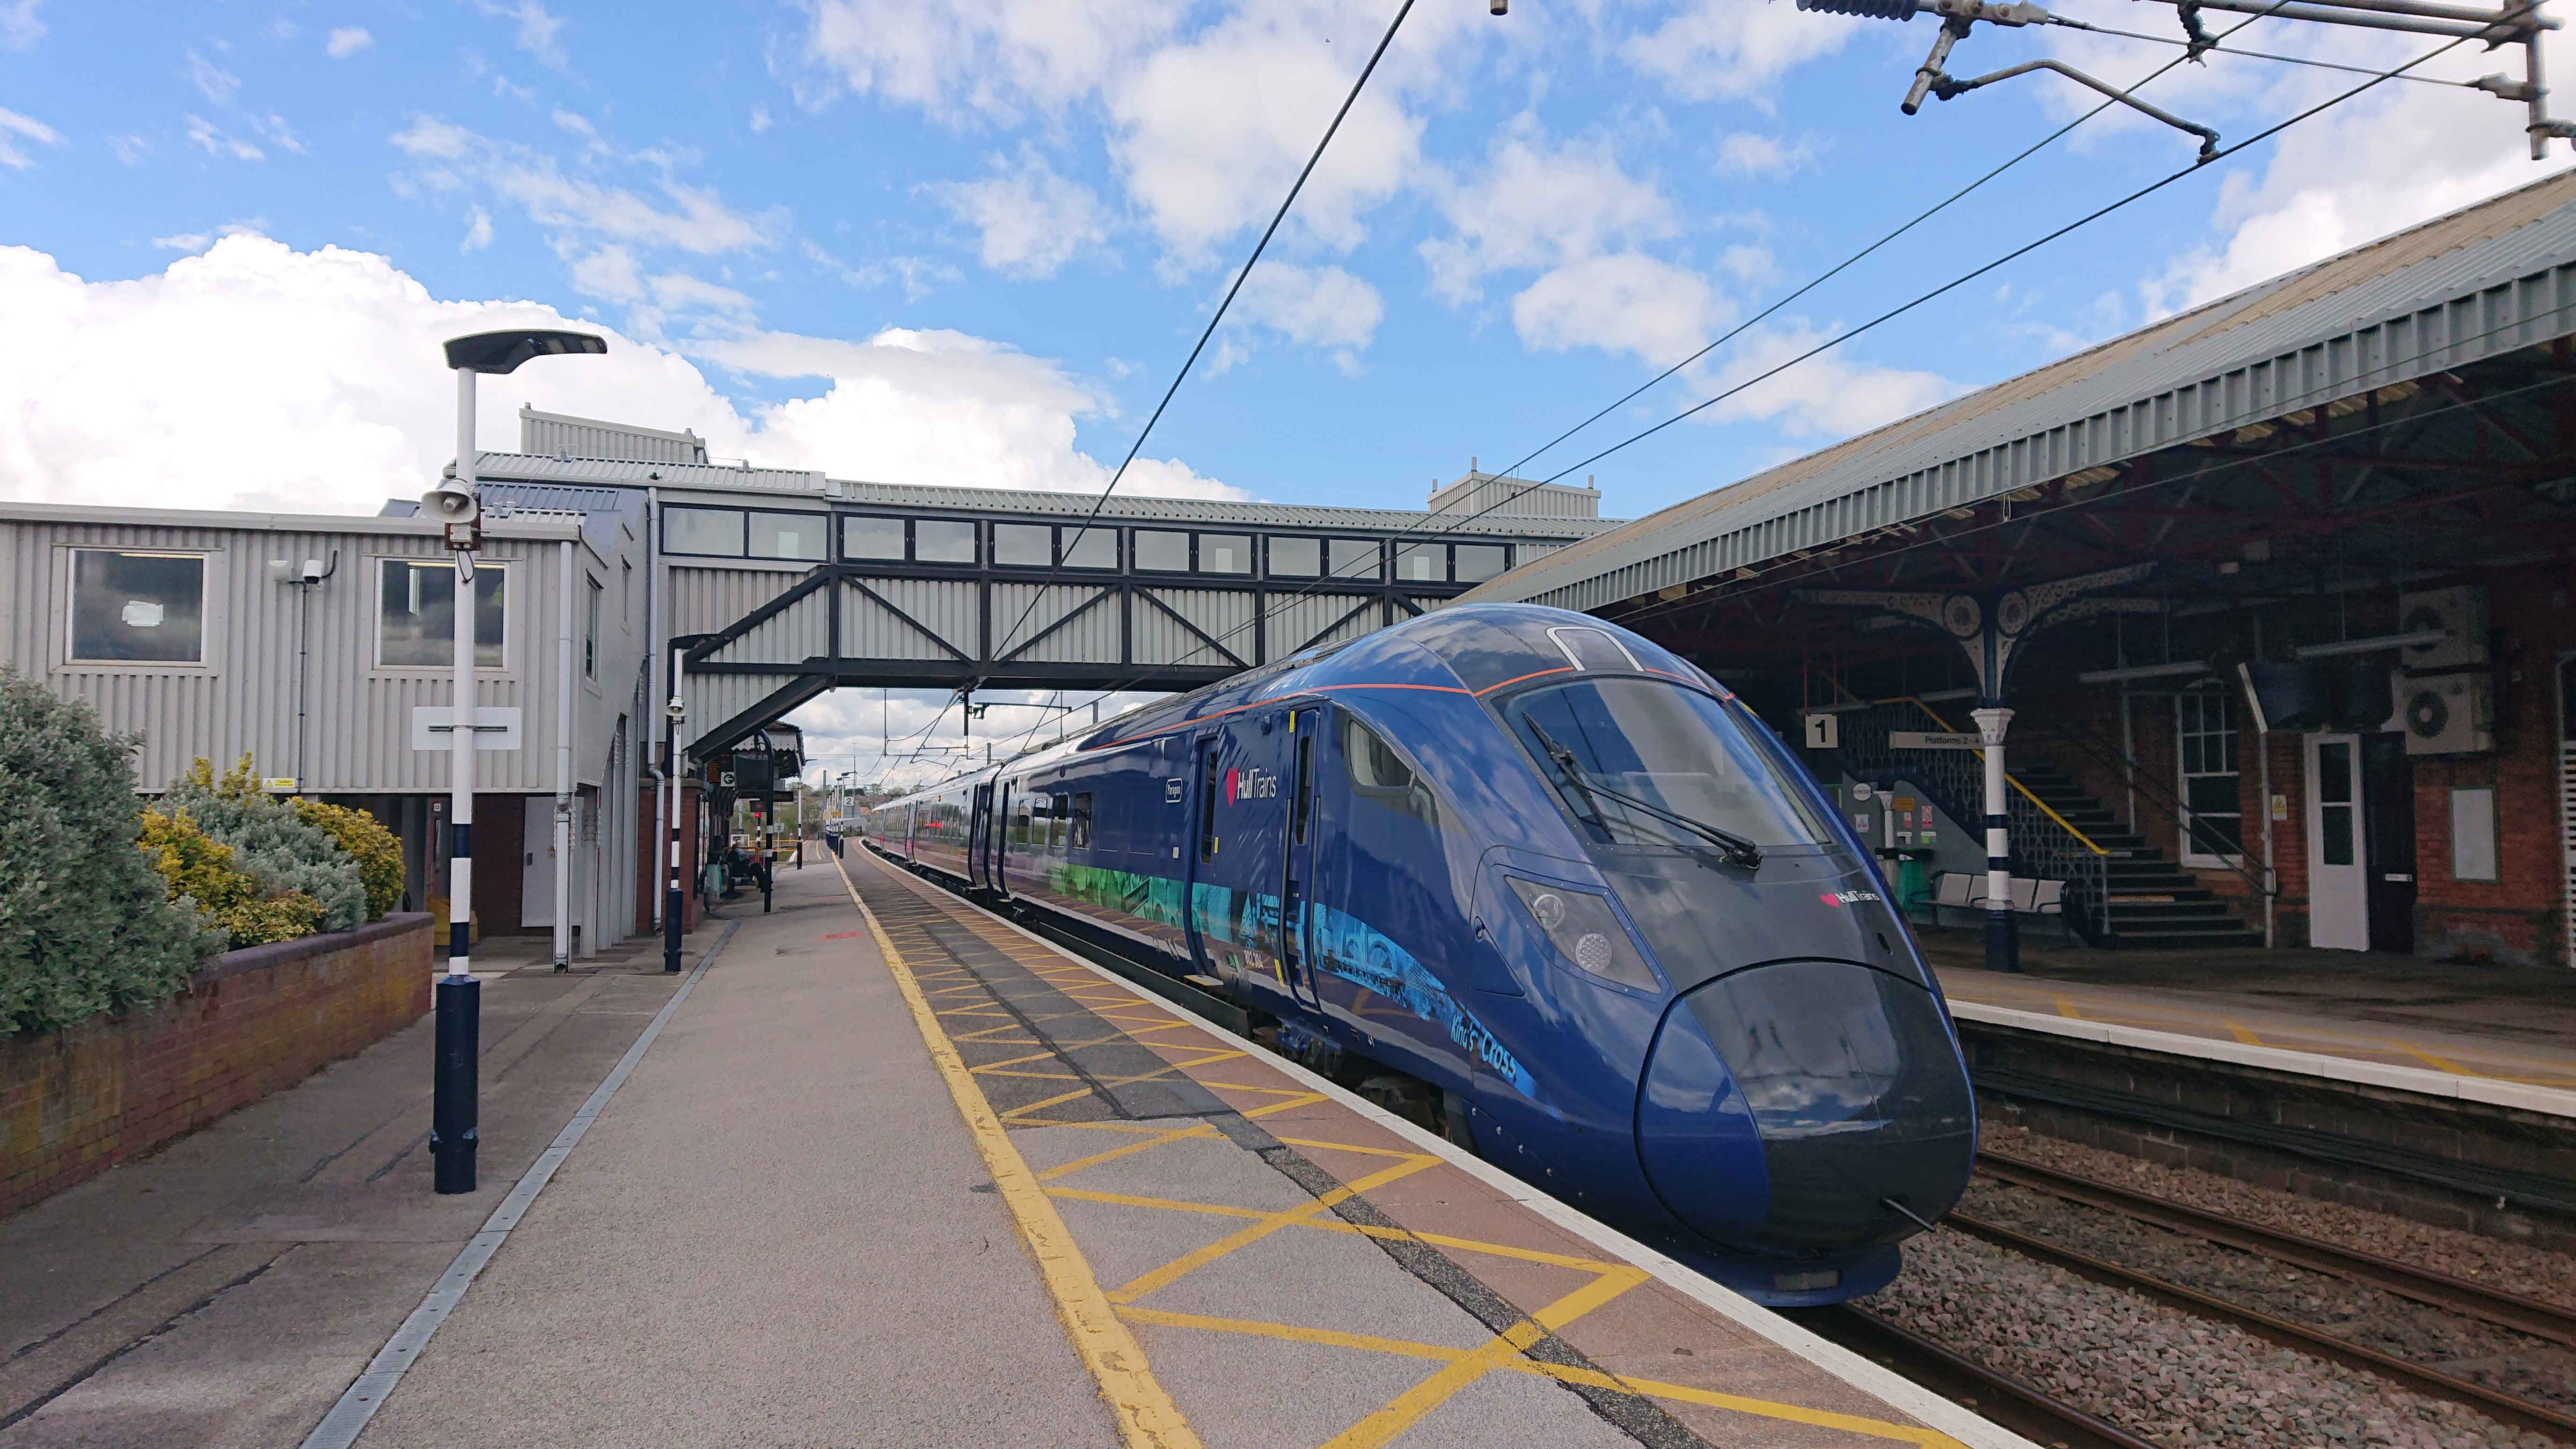 Hull-Trains-Kings-Cross-Hull-Joe-Rogers